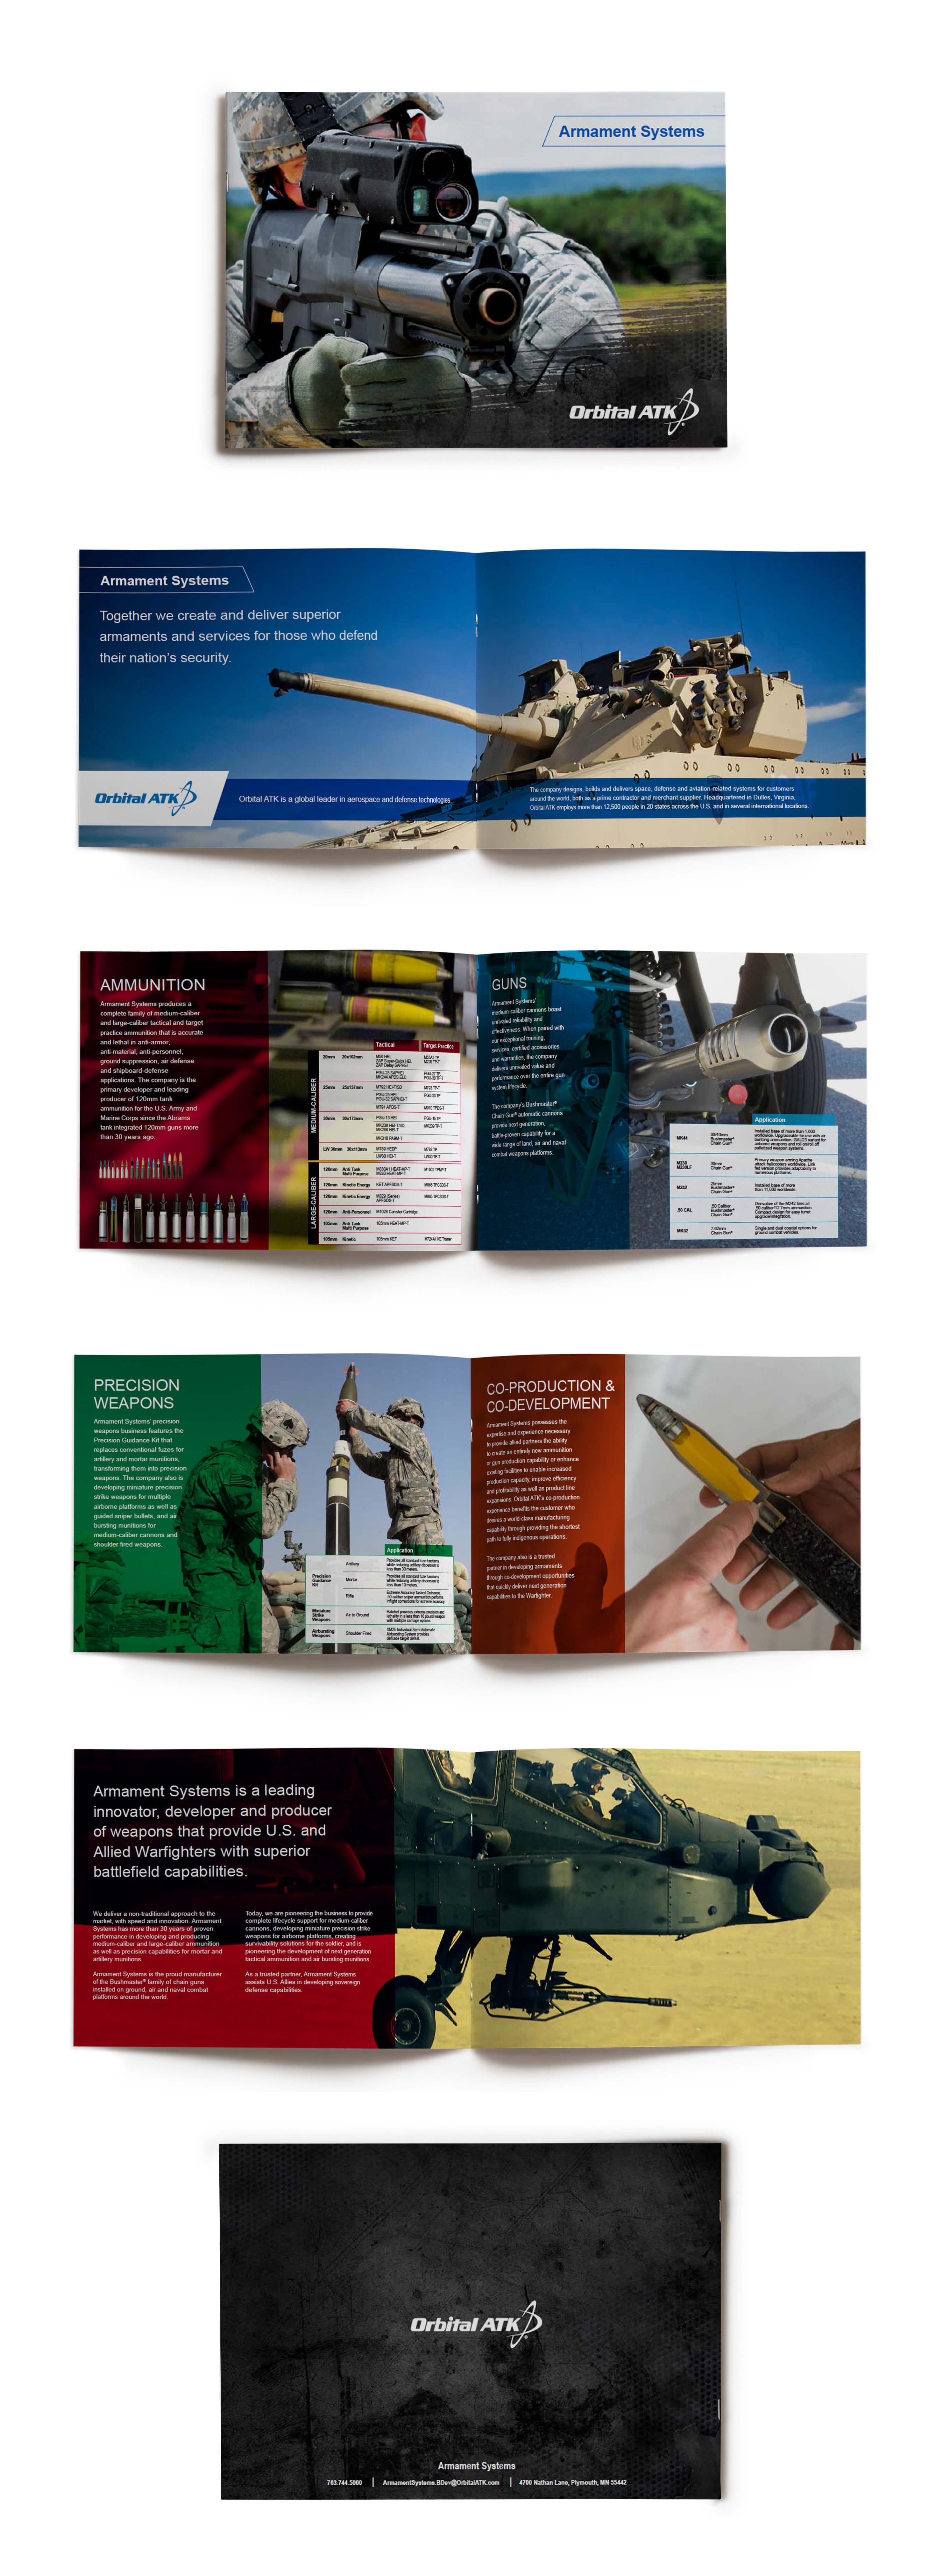 OrbitalATK-Brochure